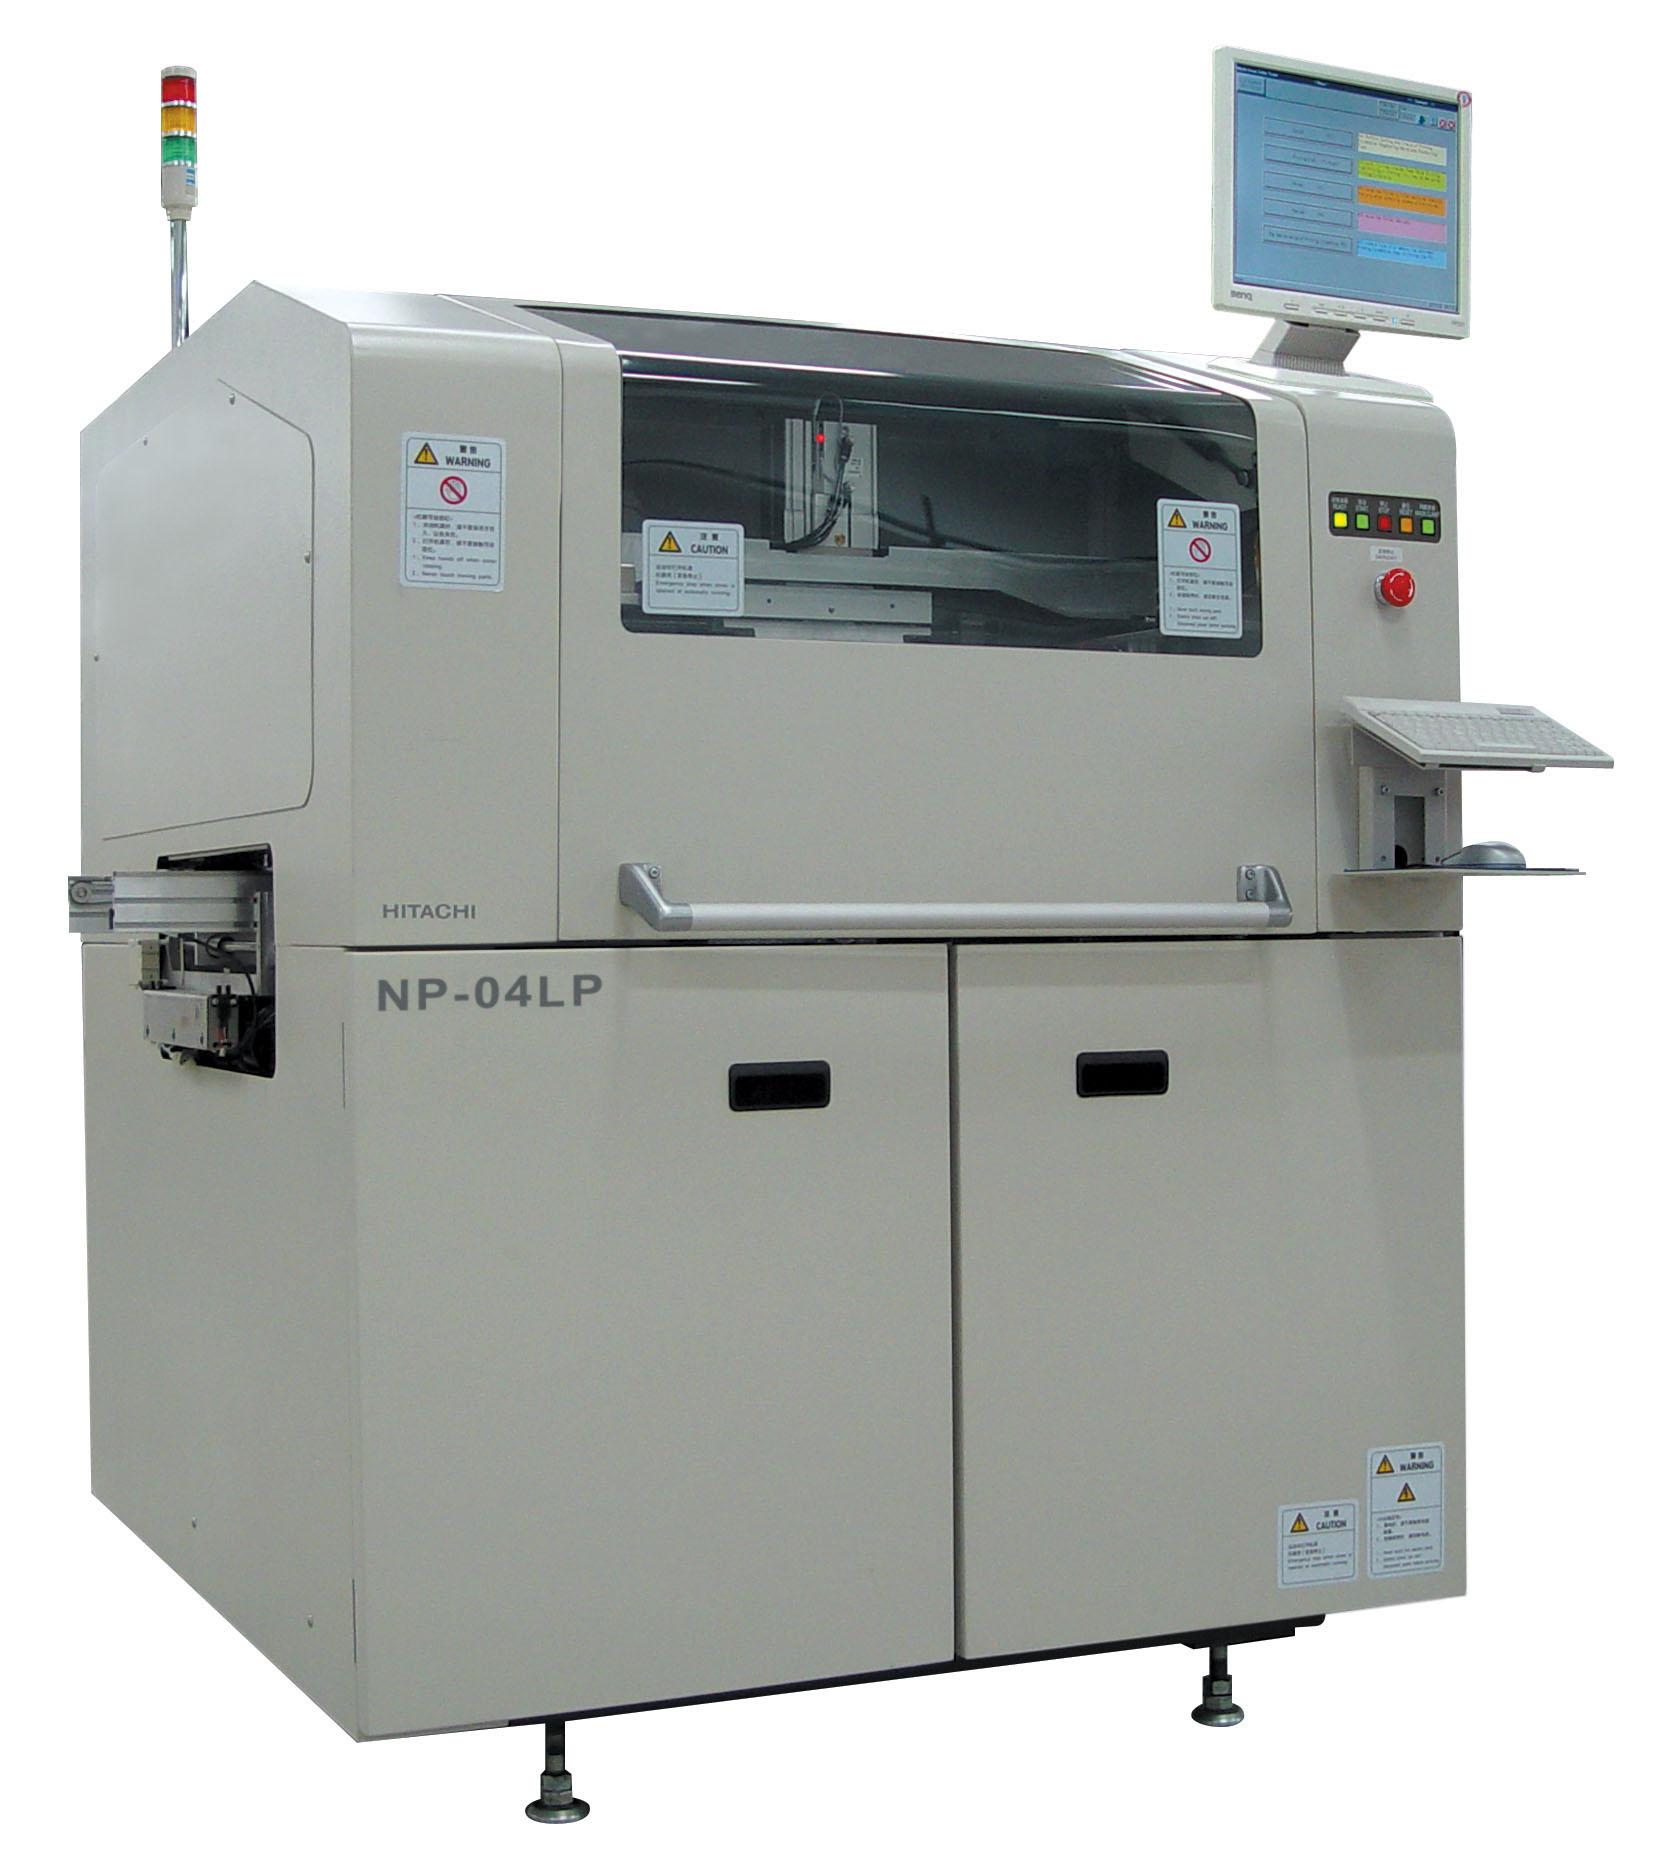 制造車間-設備-錫膏印刷機